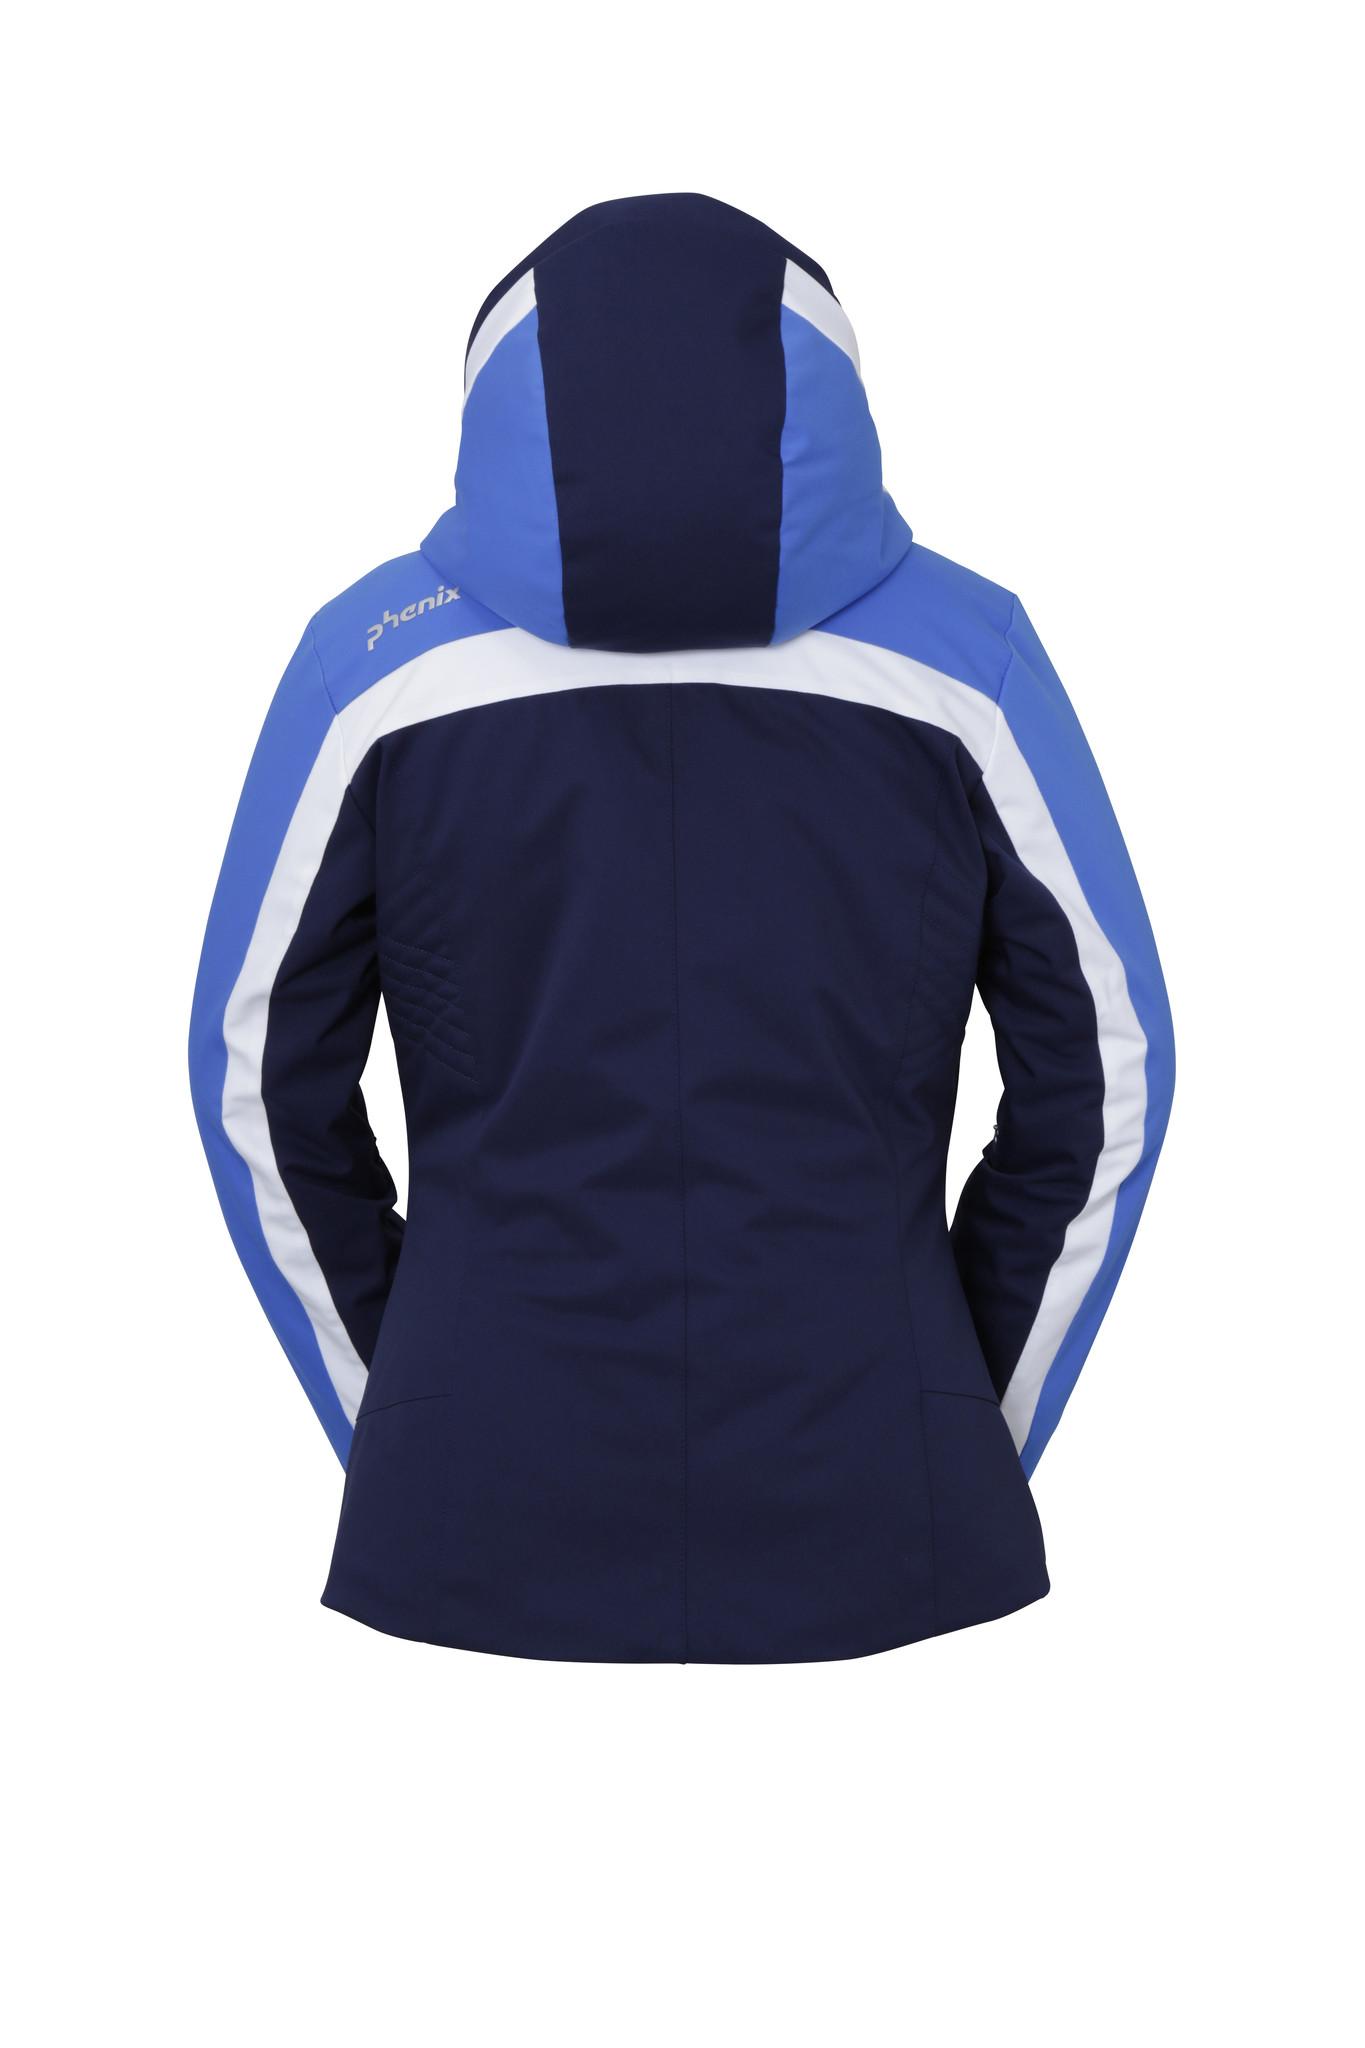 PHENIX Willow Jacket